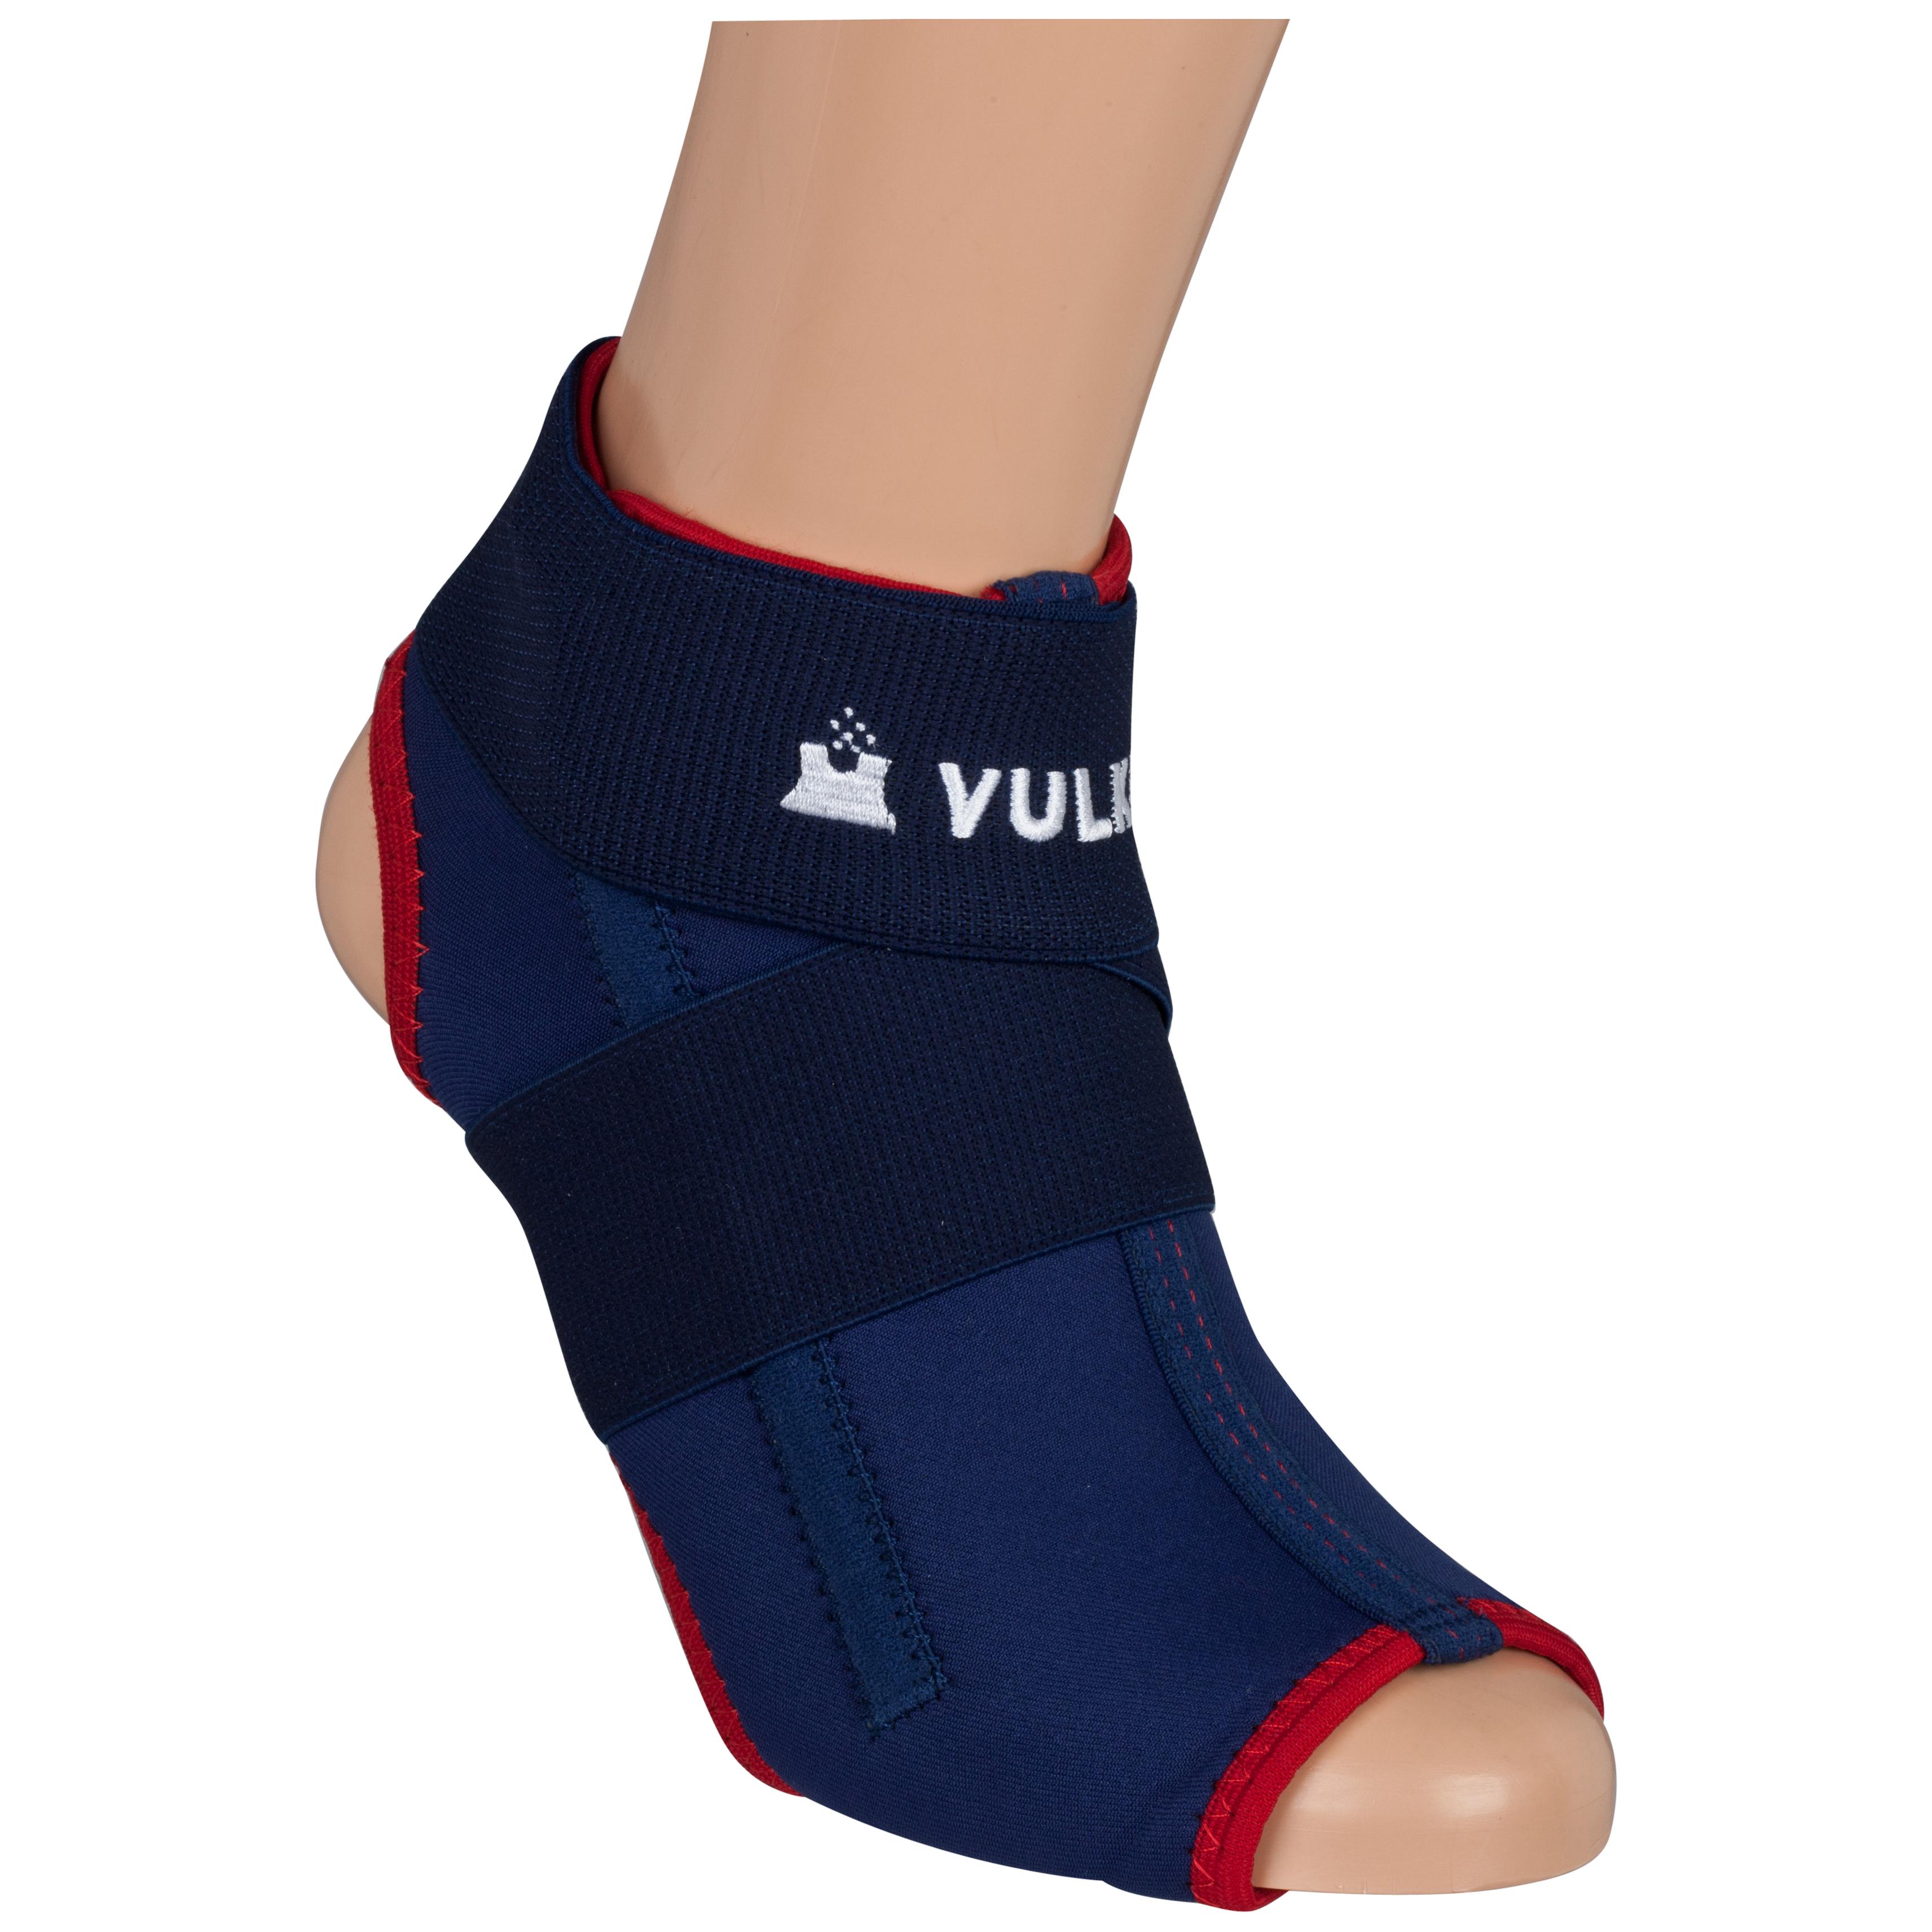 Vulkan Ankle Brace (Left) - Blue/Red